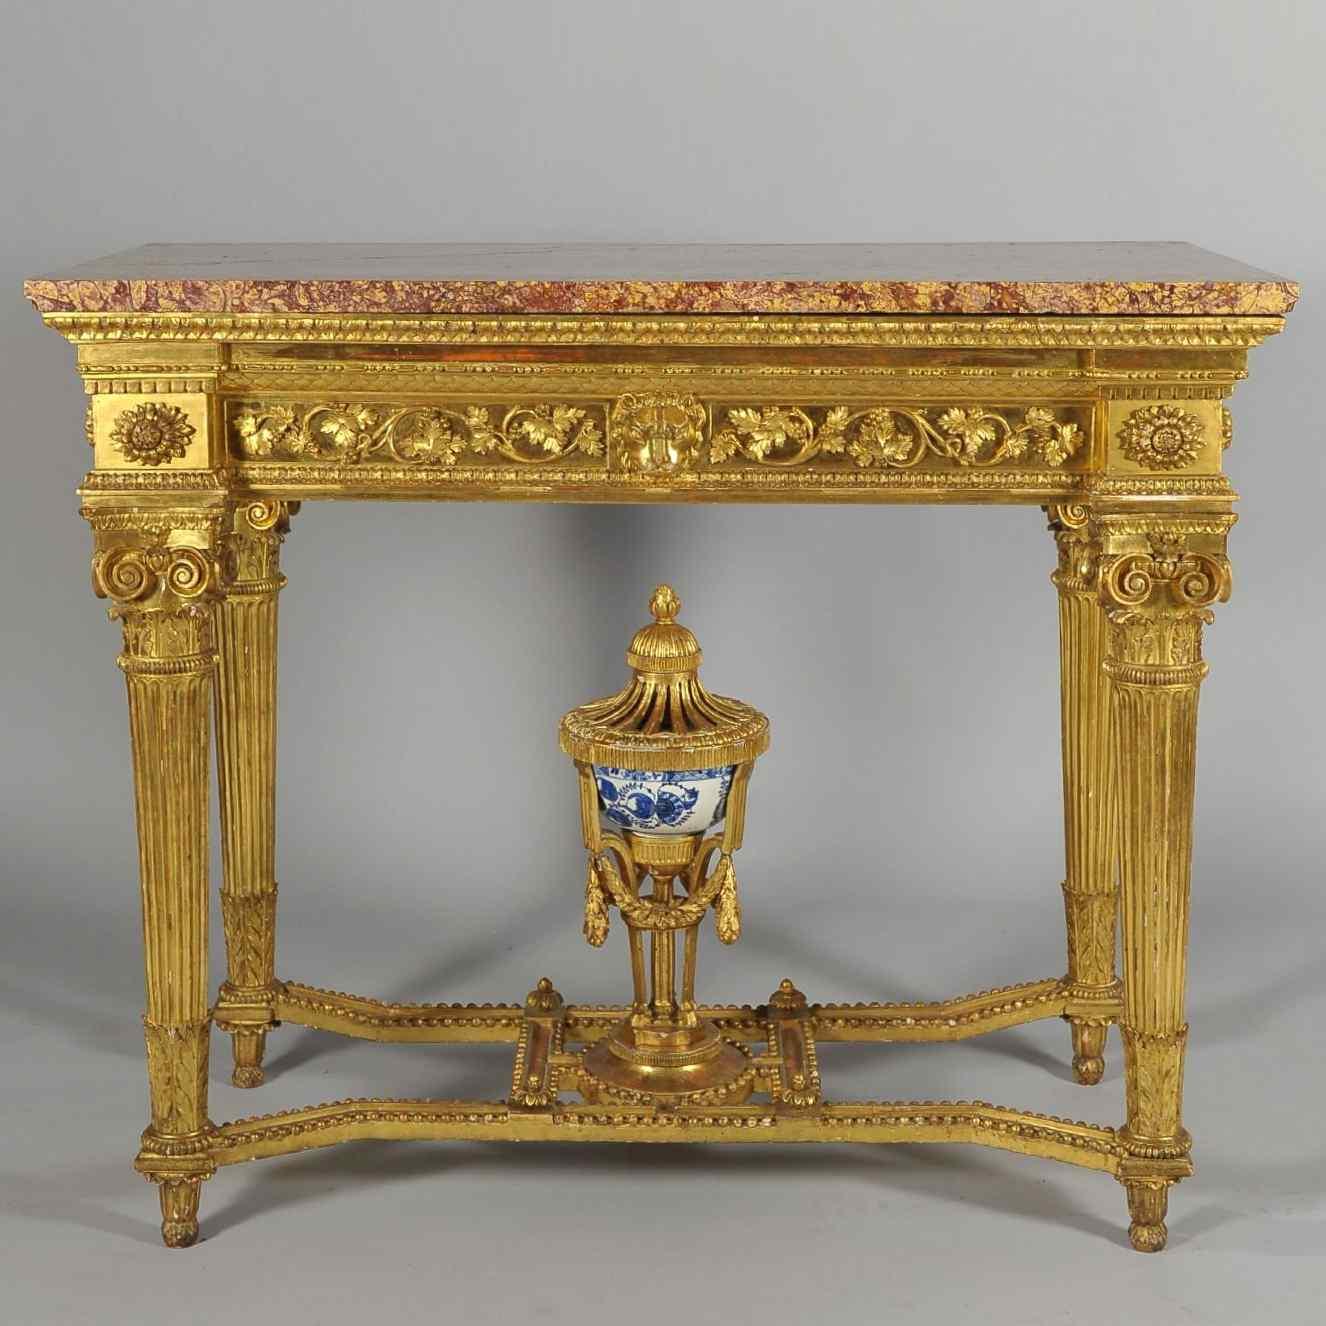 Console de la fin du 18e siècle en bois et porcelaine